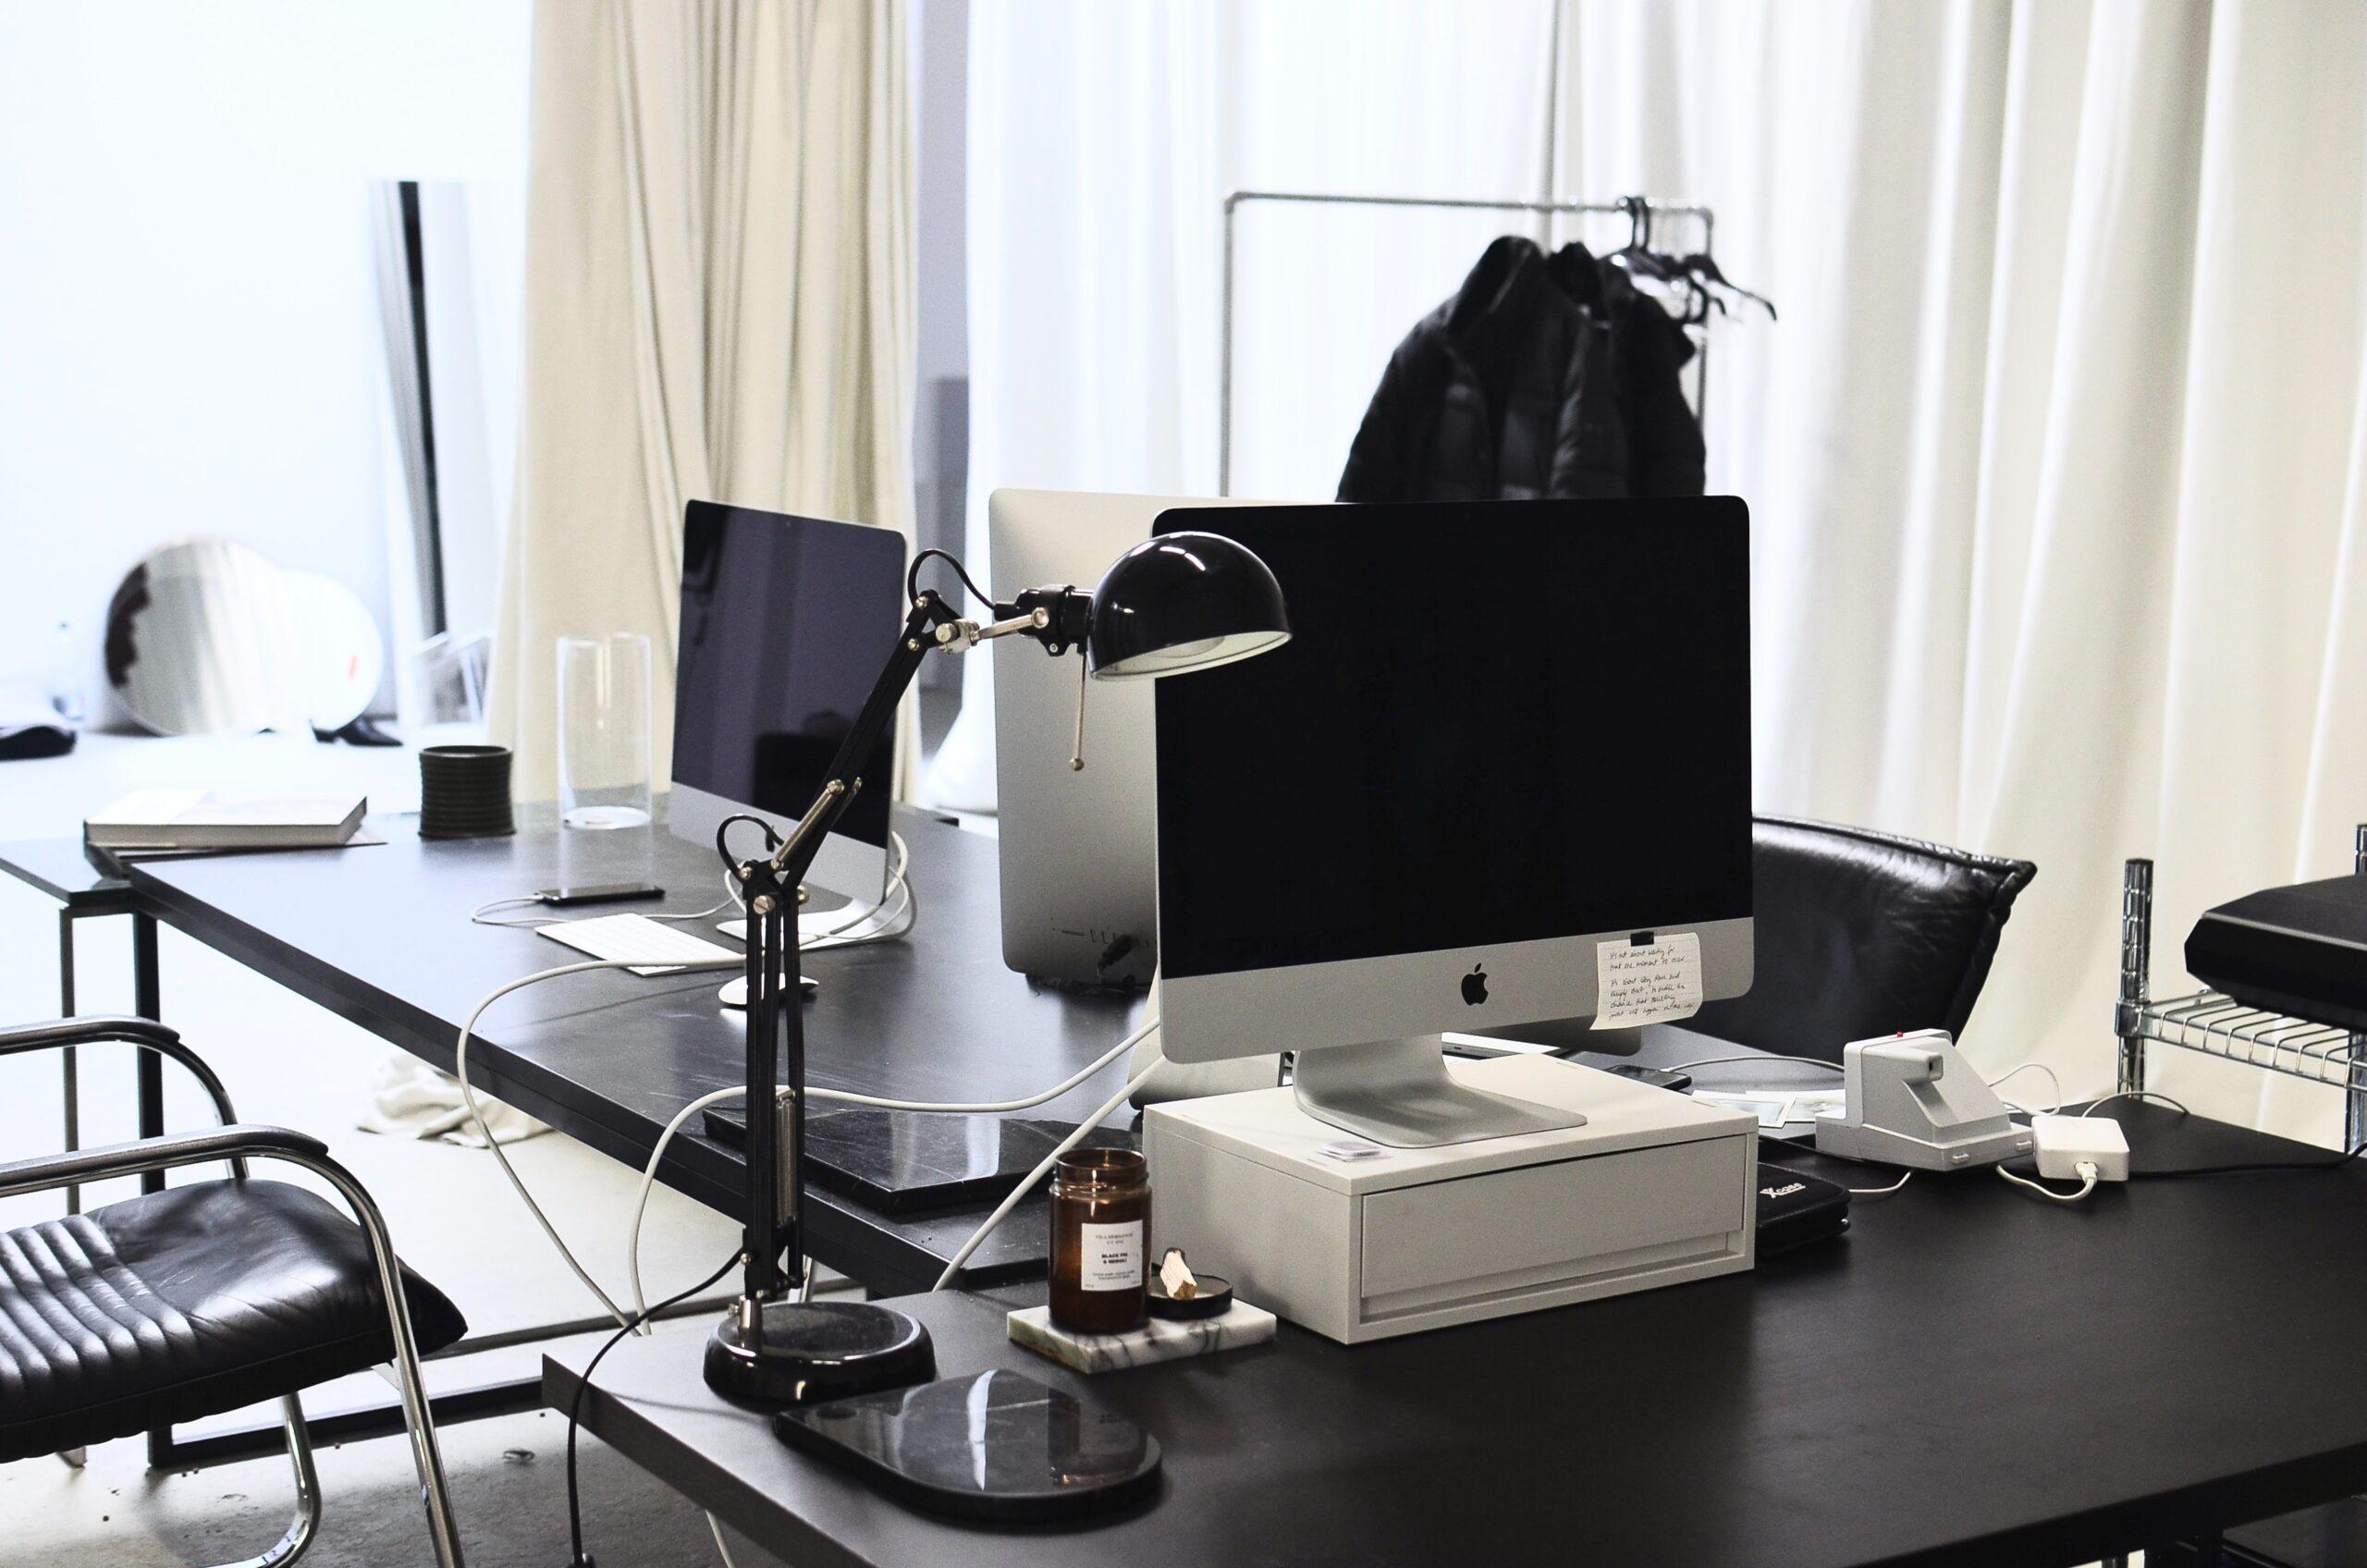 オフィスレイアウトを失敗しないコツ②本当に必要なオフィス家具の大きさを知る